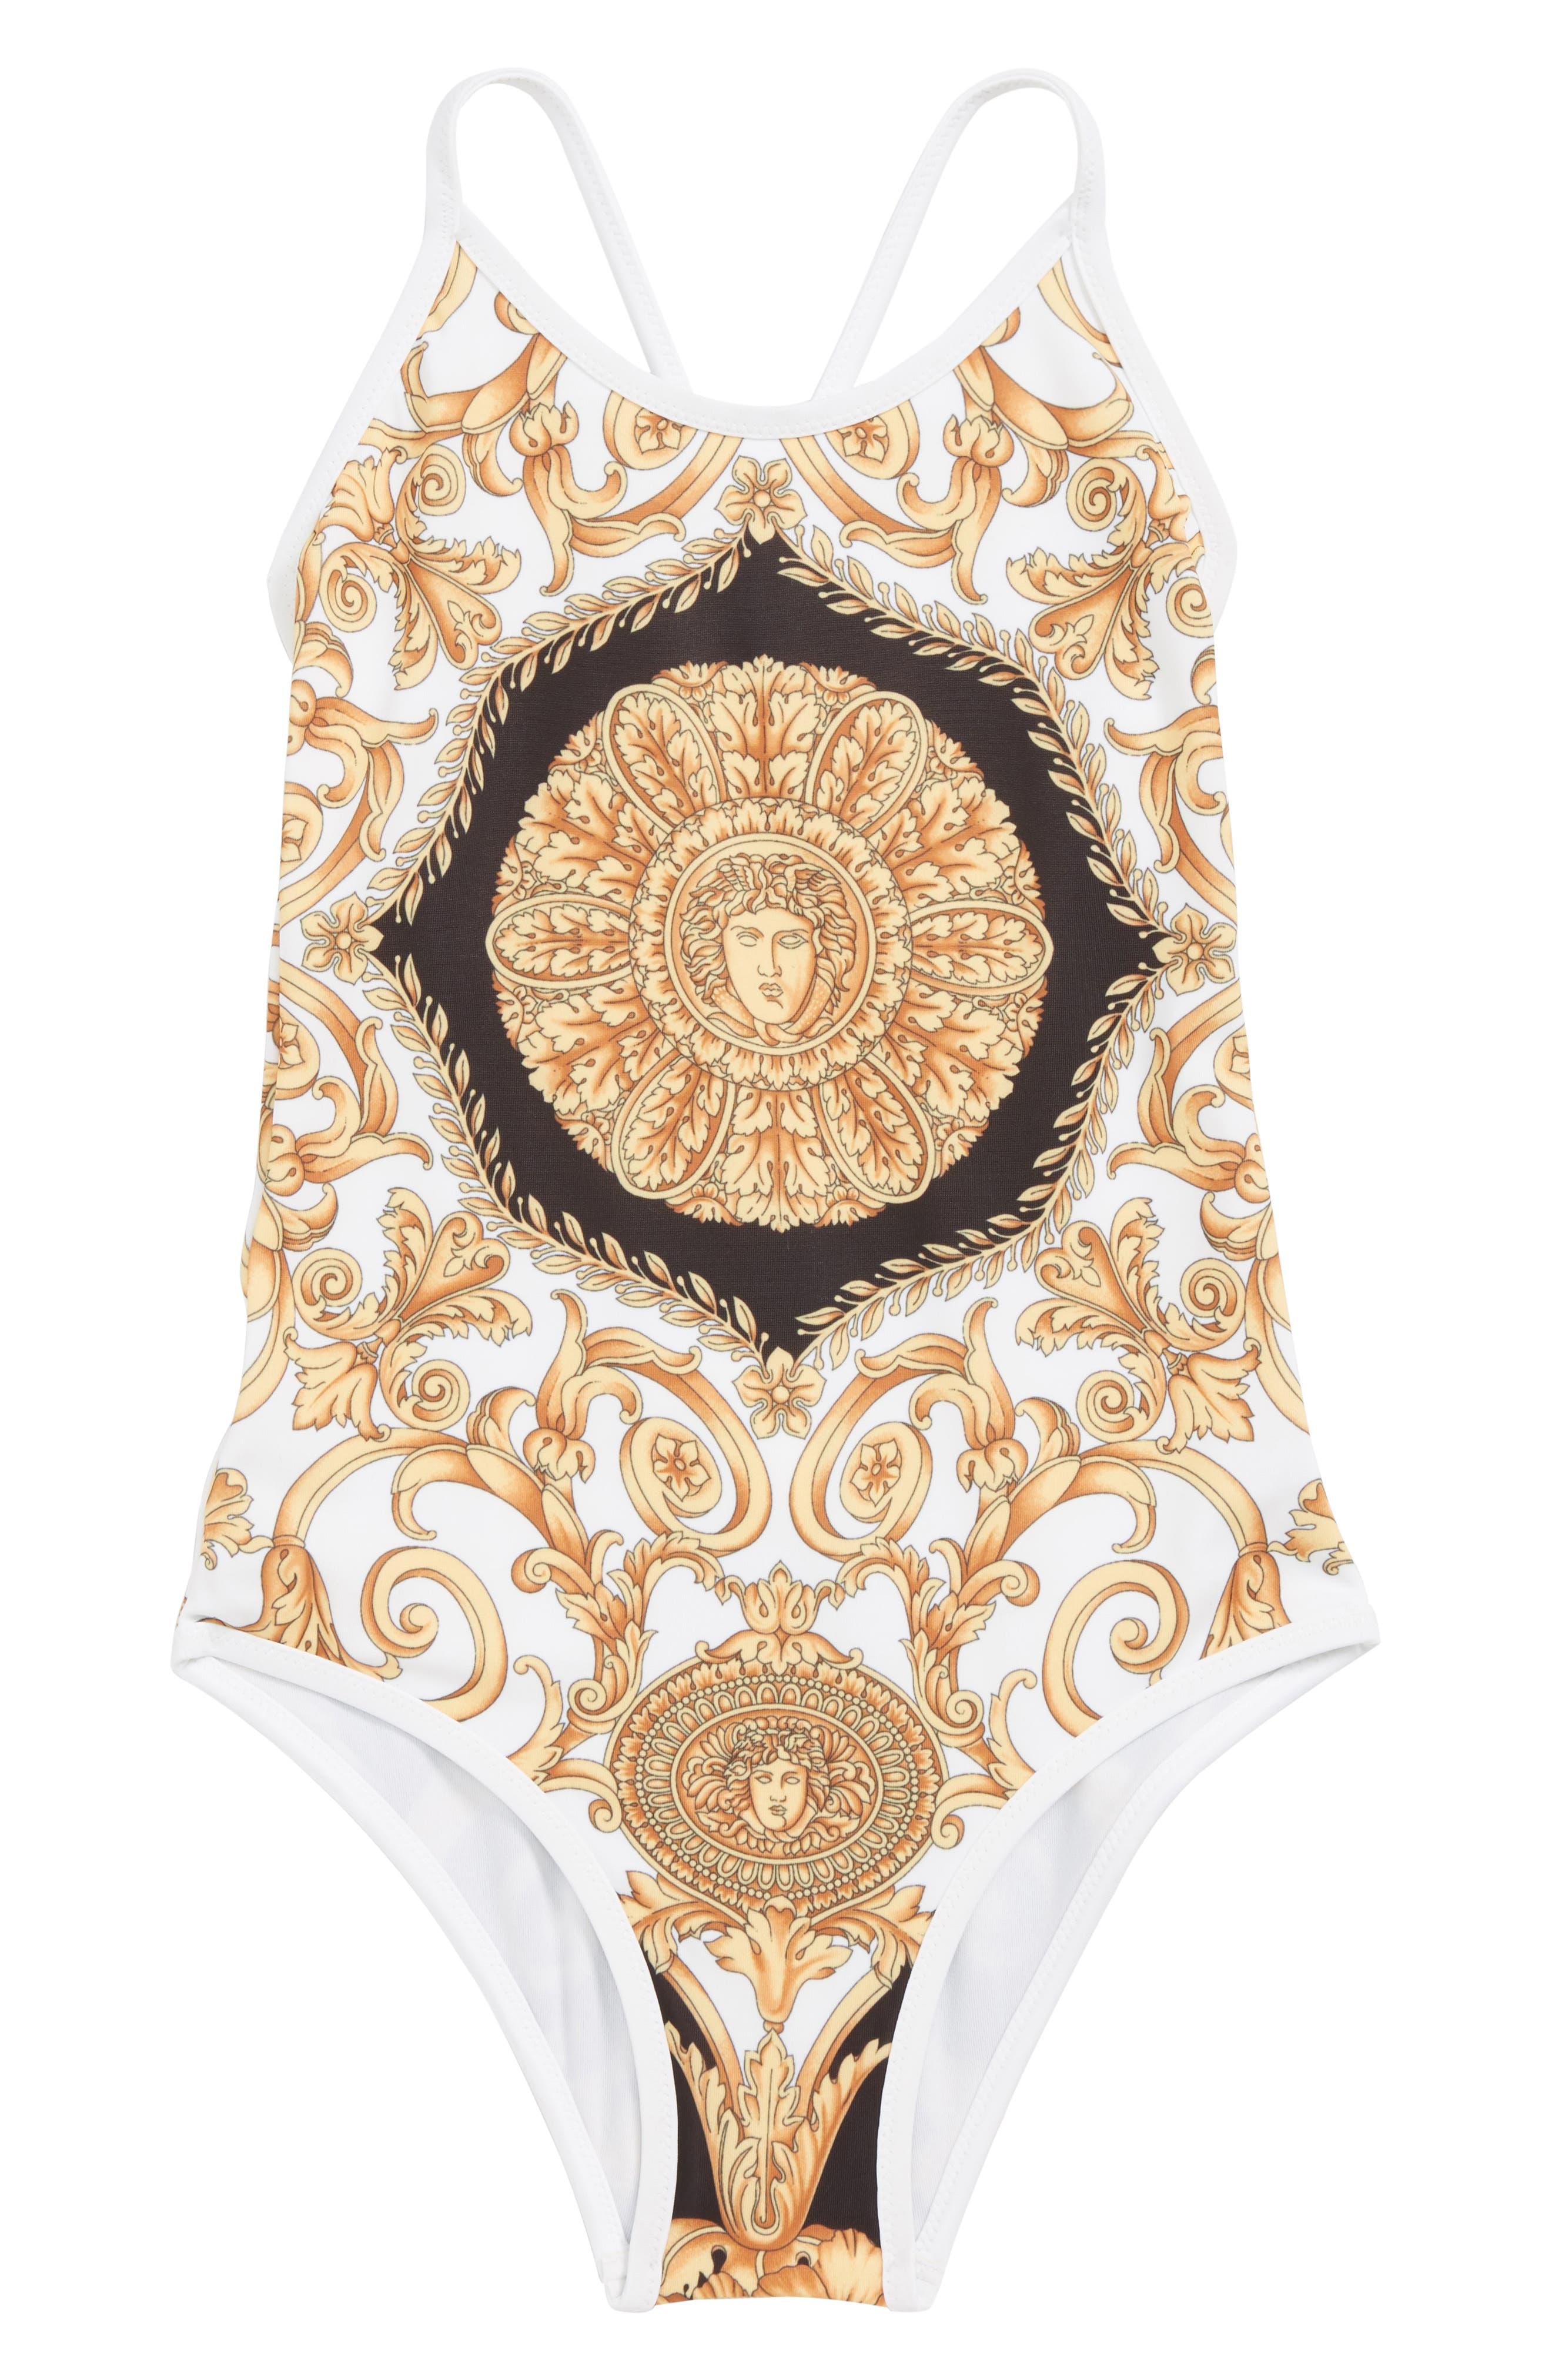 Medusa One-Piece Swimsuit, Main, color, 4926 BLK/ GLD/ WT